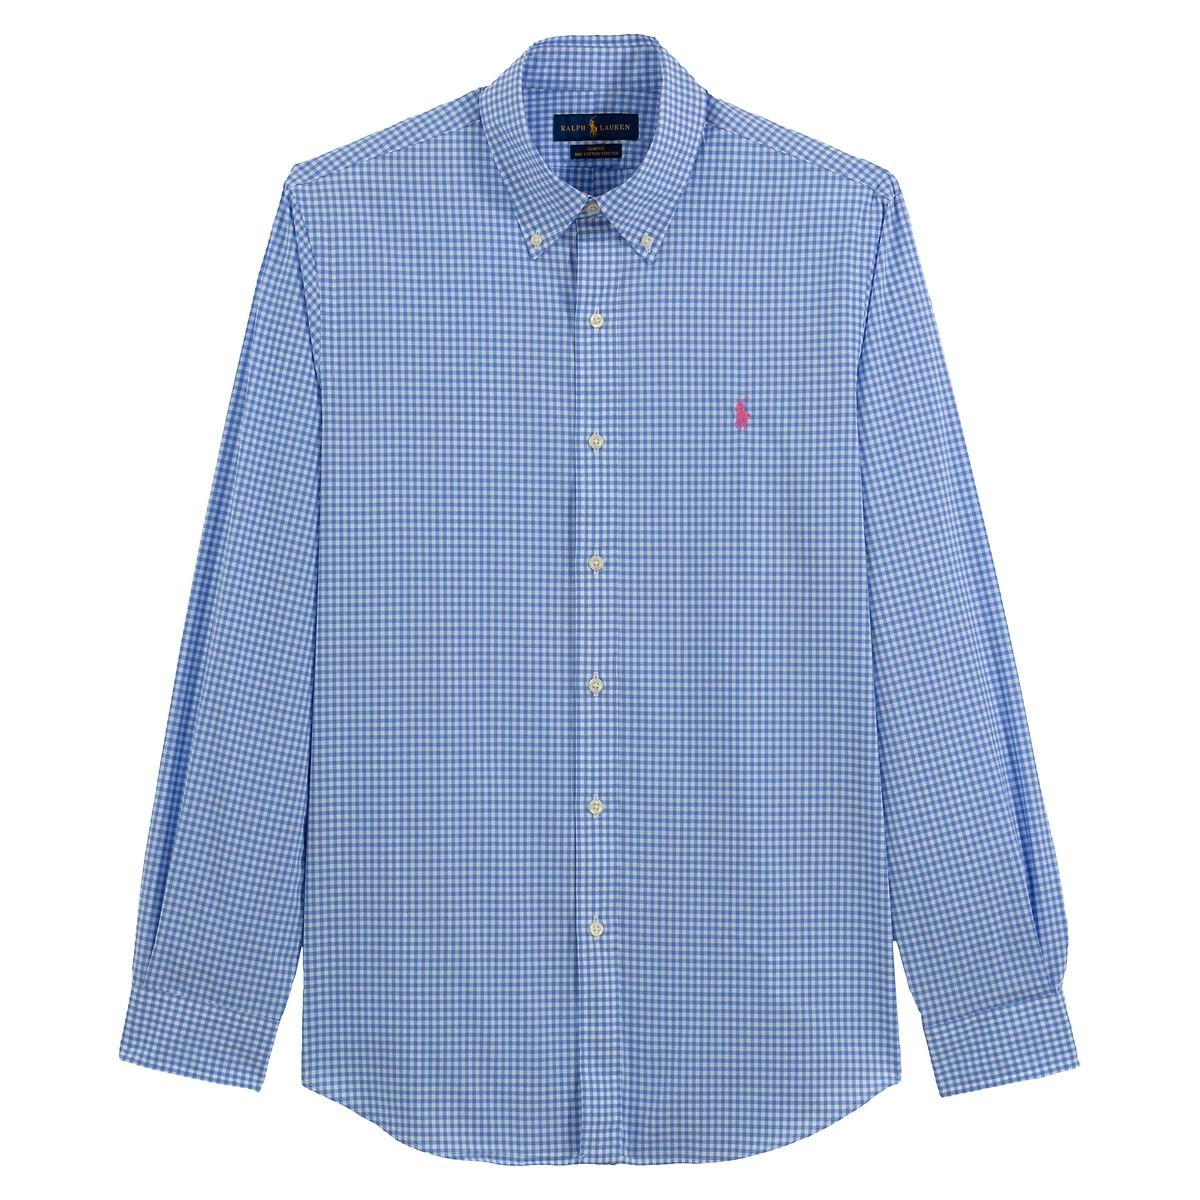 Рубашка La Redoute Узкого покроя в клетку из поплина S синий джинсы la redoute стретч узкого покроя hatch 32 34 синий